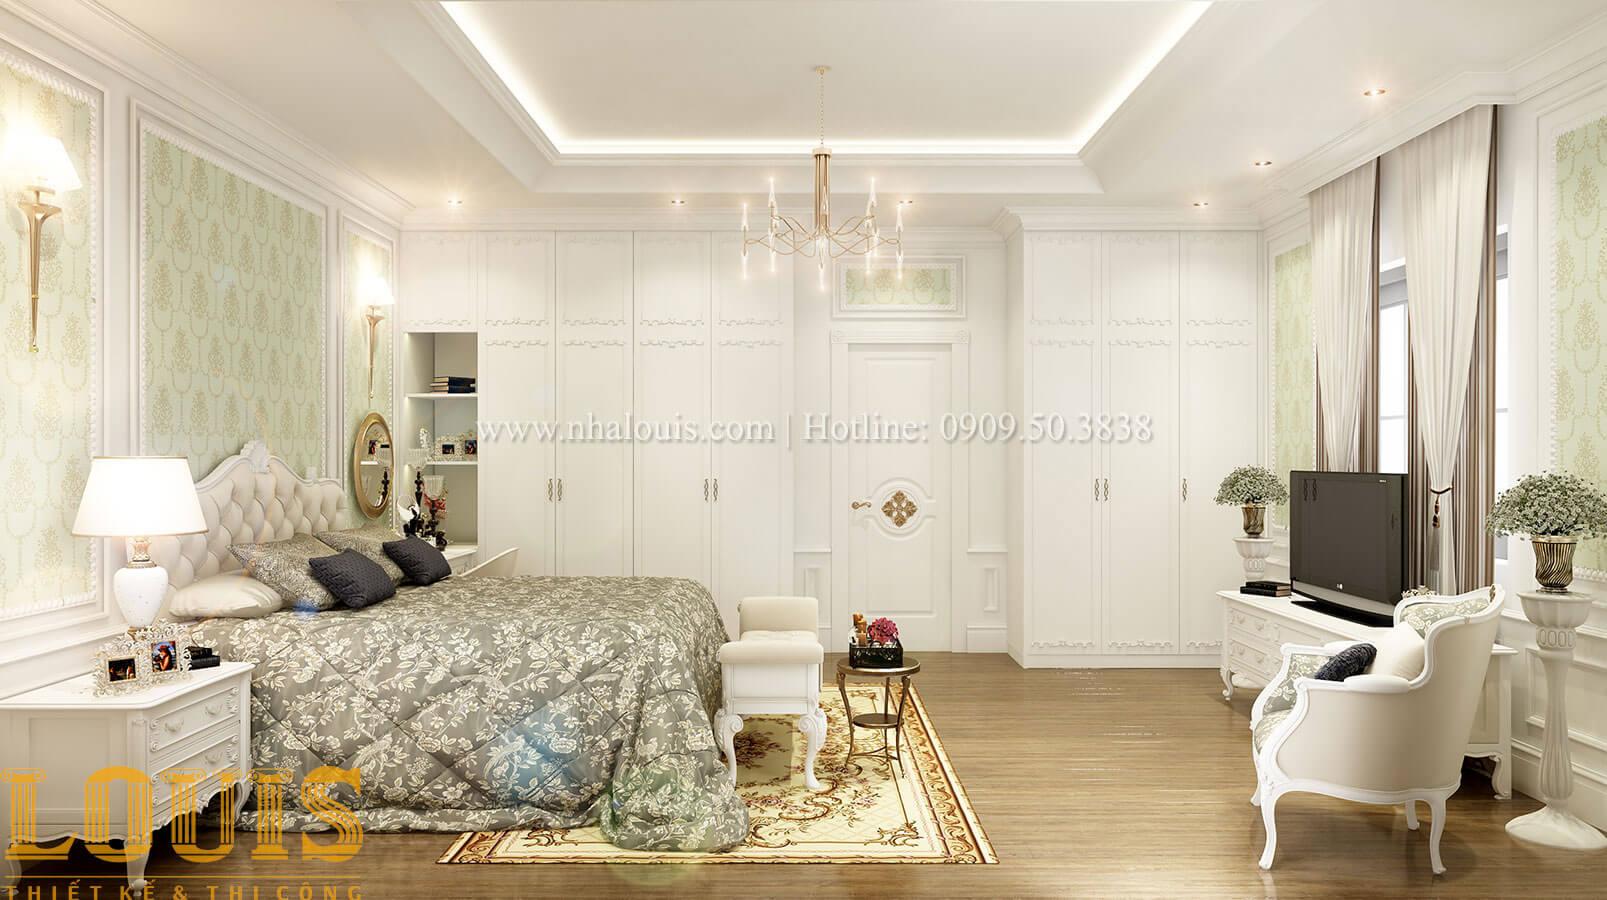 Phòng ngủ master Thiết kế biệt thự 3 tầng đẹp có sân vườn ở miền quê Đồng Nai - 23